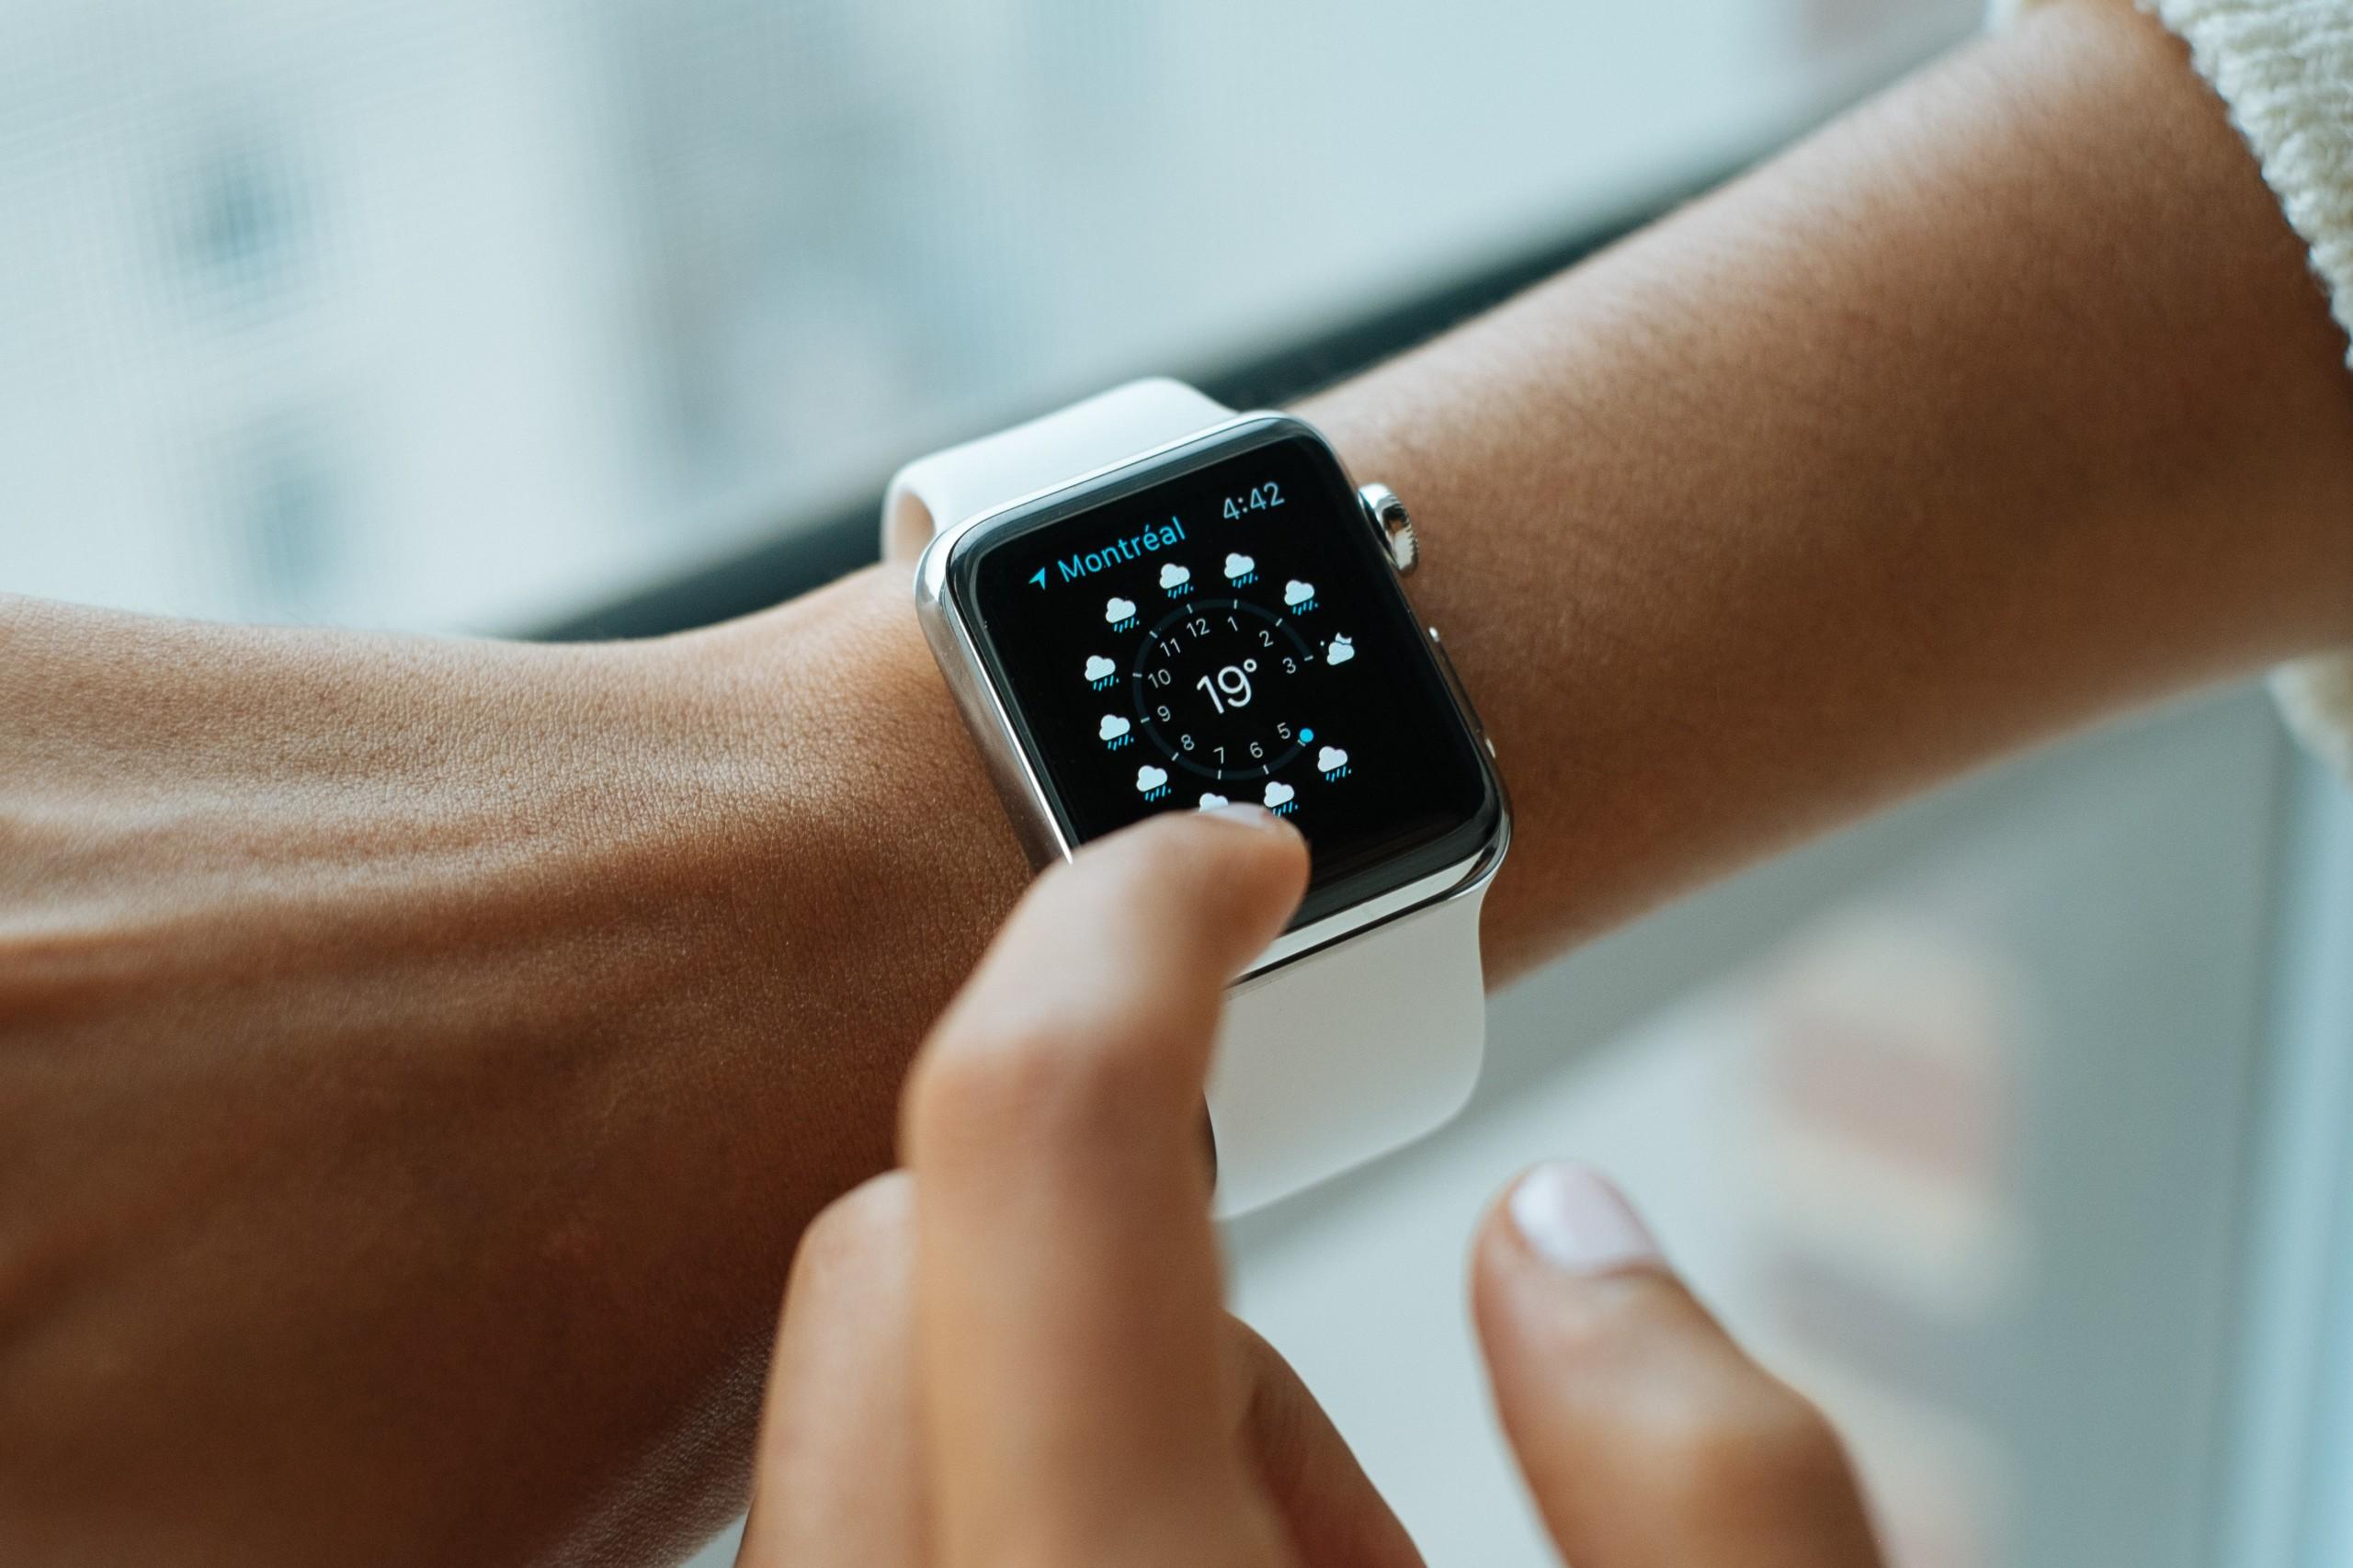 Votre Apple Watch pourrait détecter les symptômes du Covid-19 avant vous